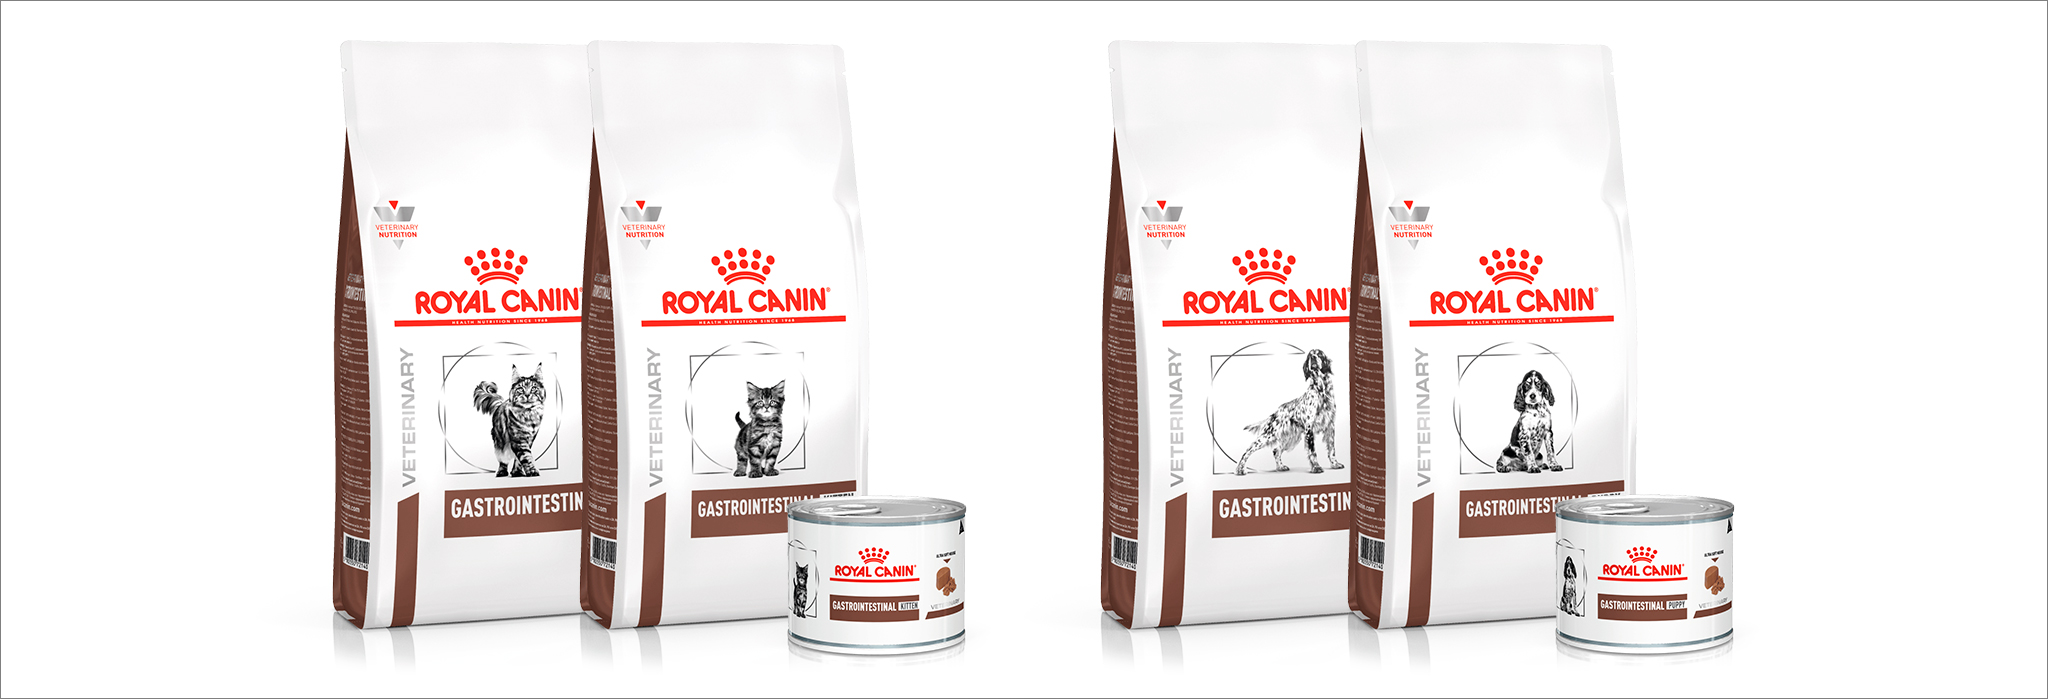 Royal Canin presenta sus dietas Gastrointestinal Tract para gatos y perros